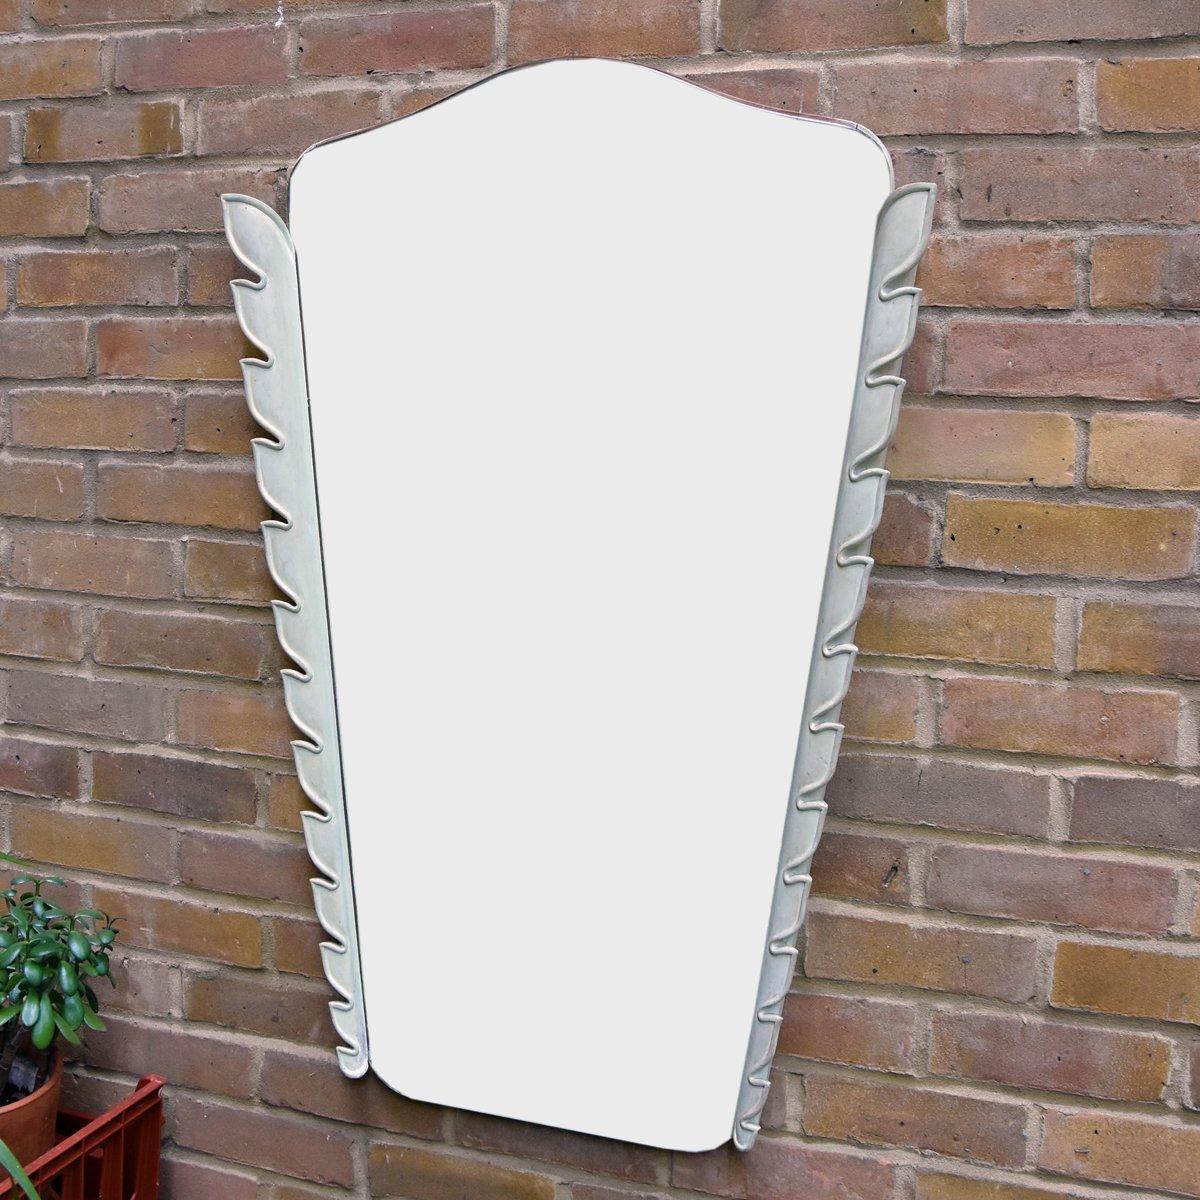 italienischer spiegel mit rahmen aus geschnitztem holz 1950er bei pamono kaufen. Black Bedroom Furniture Sets. Home Design Ideas